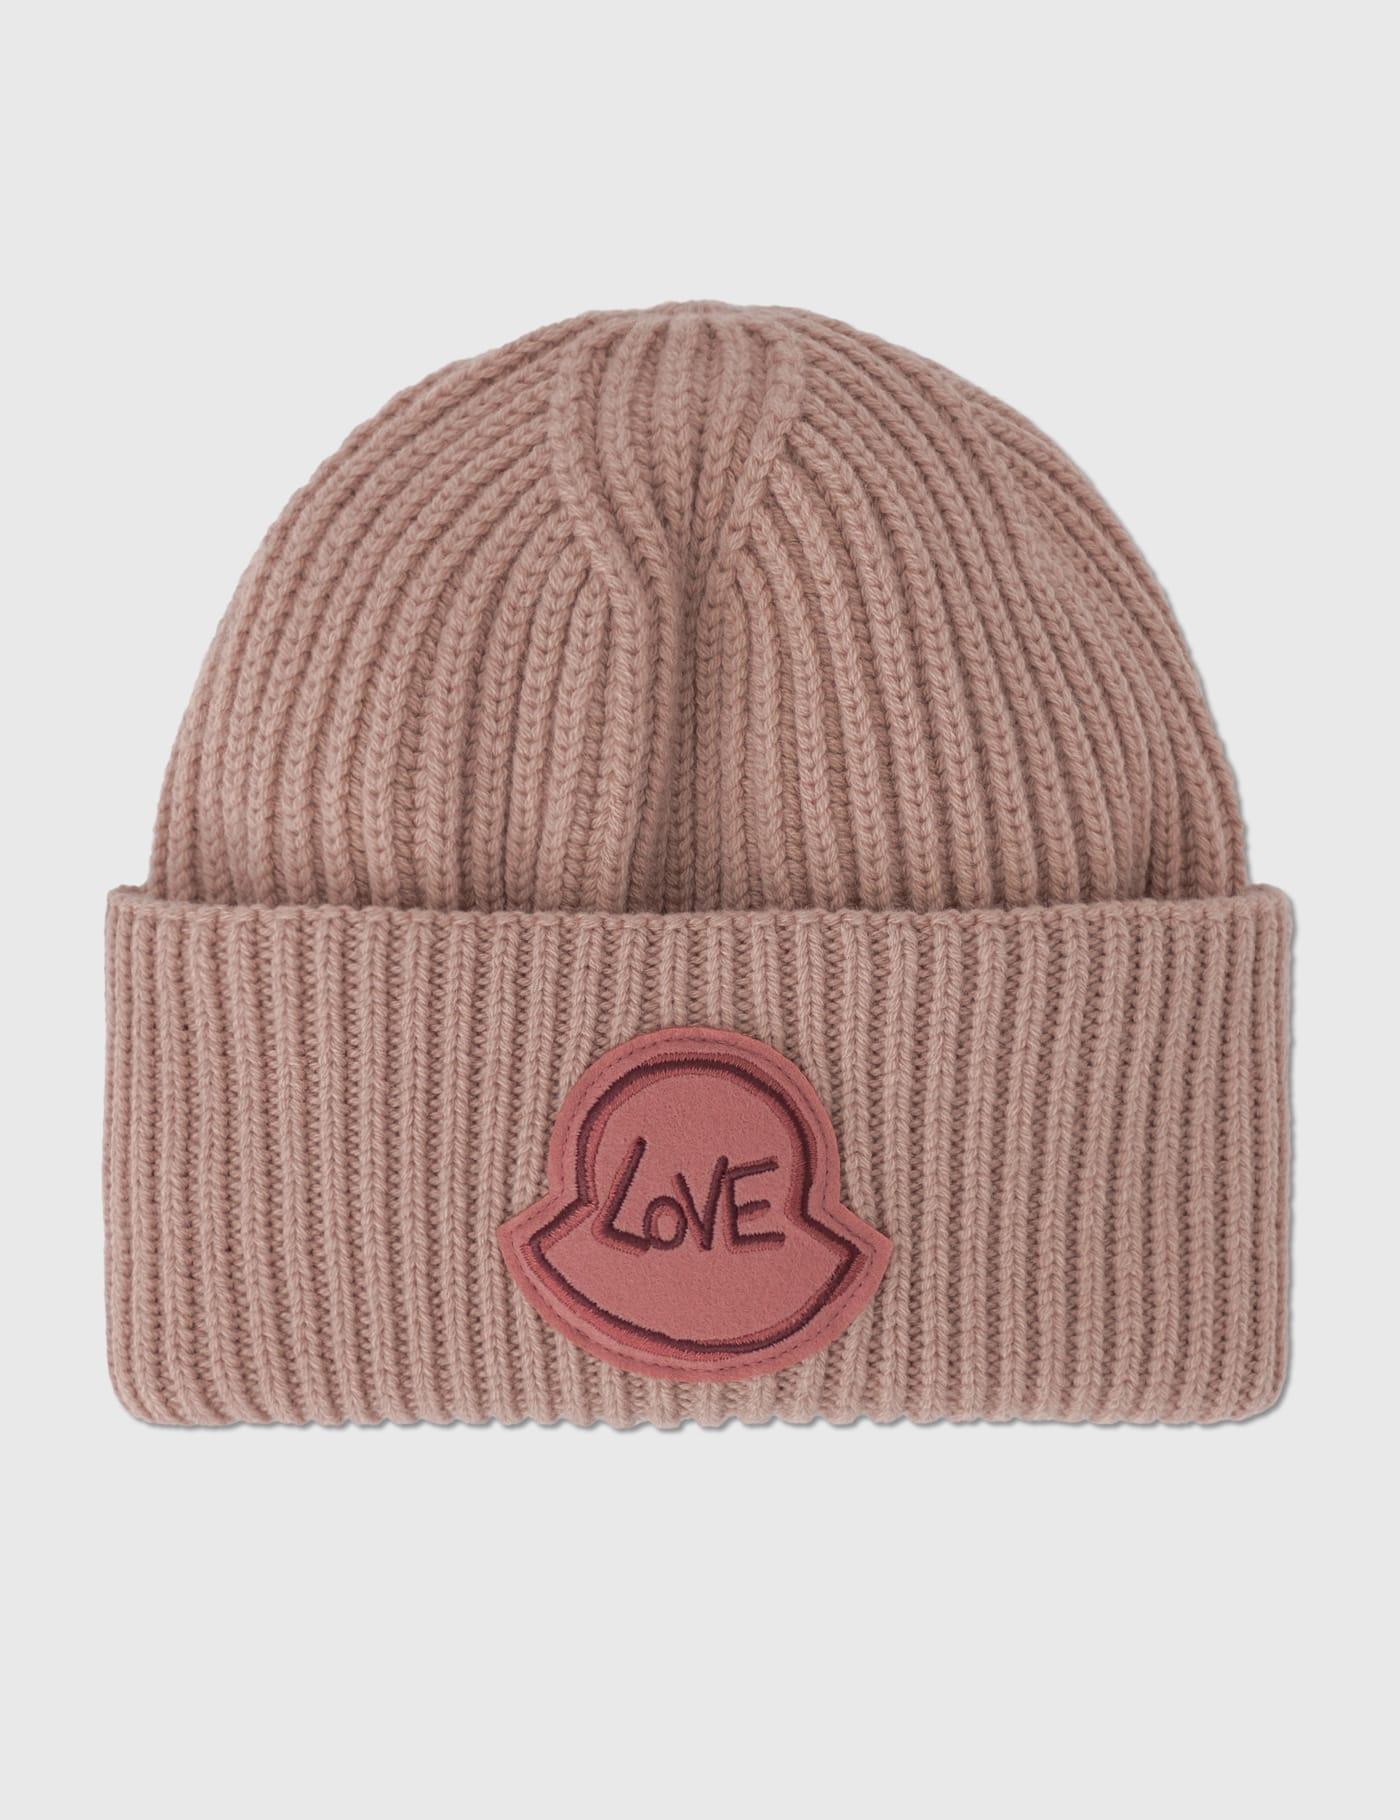 몽클레어 러브 로고 비니 Moncler Love Logo Beanie